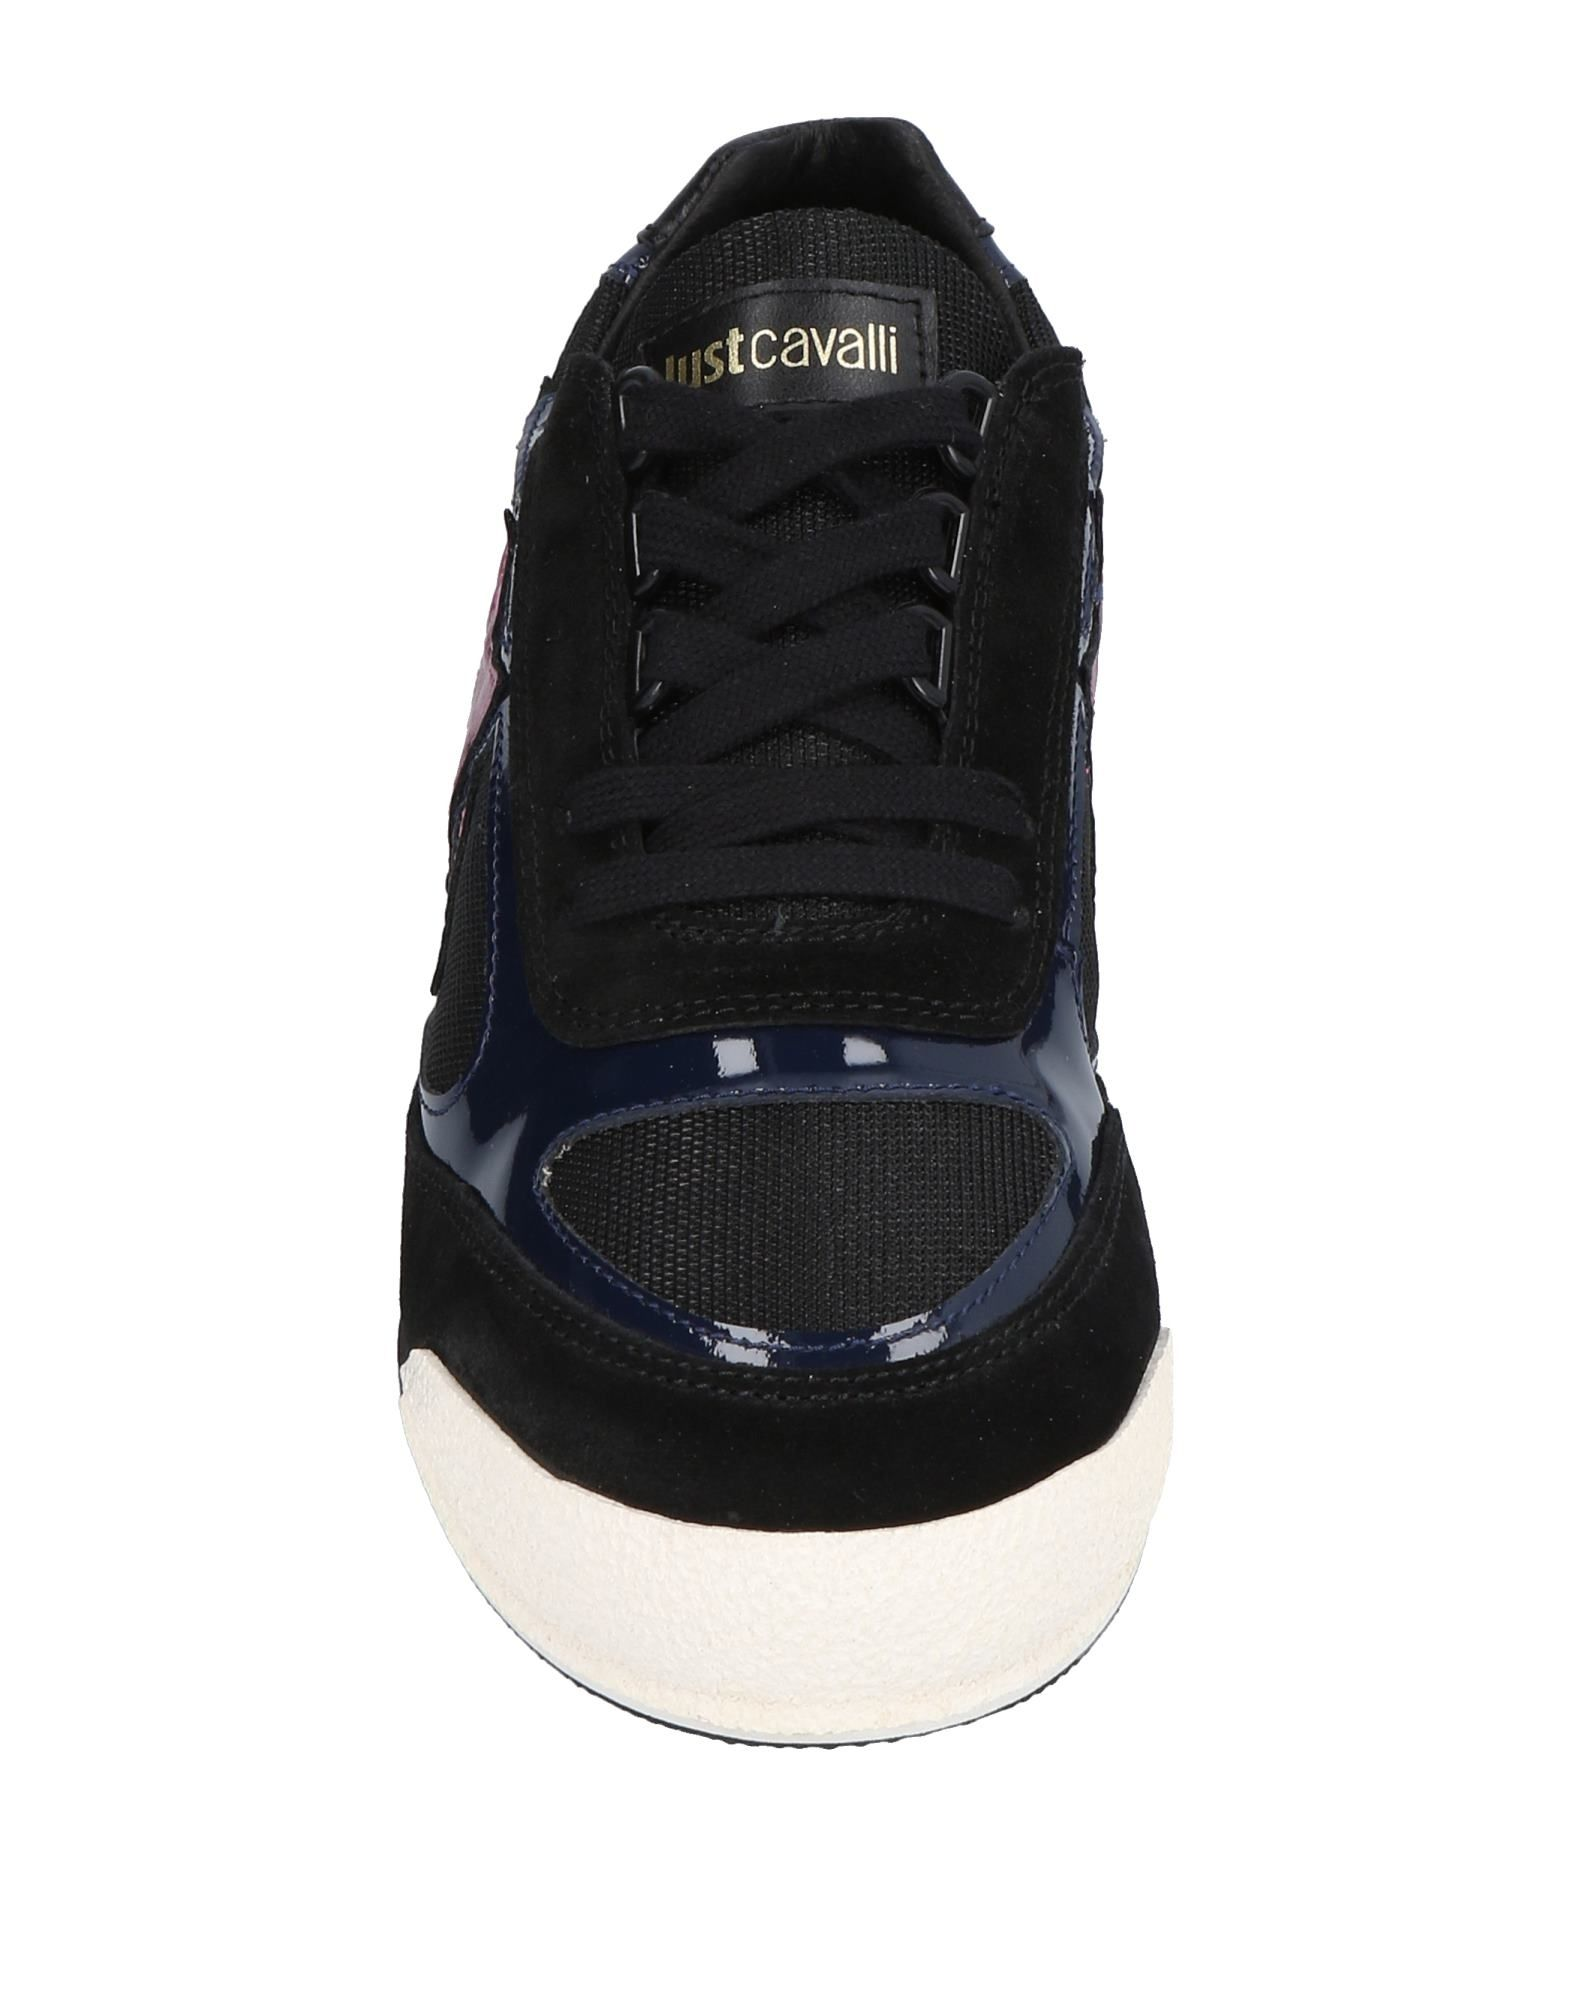 Just Cavalli Sneakers Damen 11470180KB  11470180KB Damen 7512ca